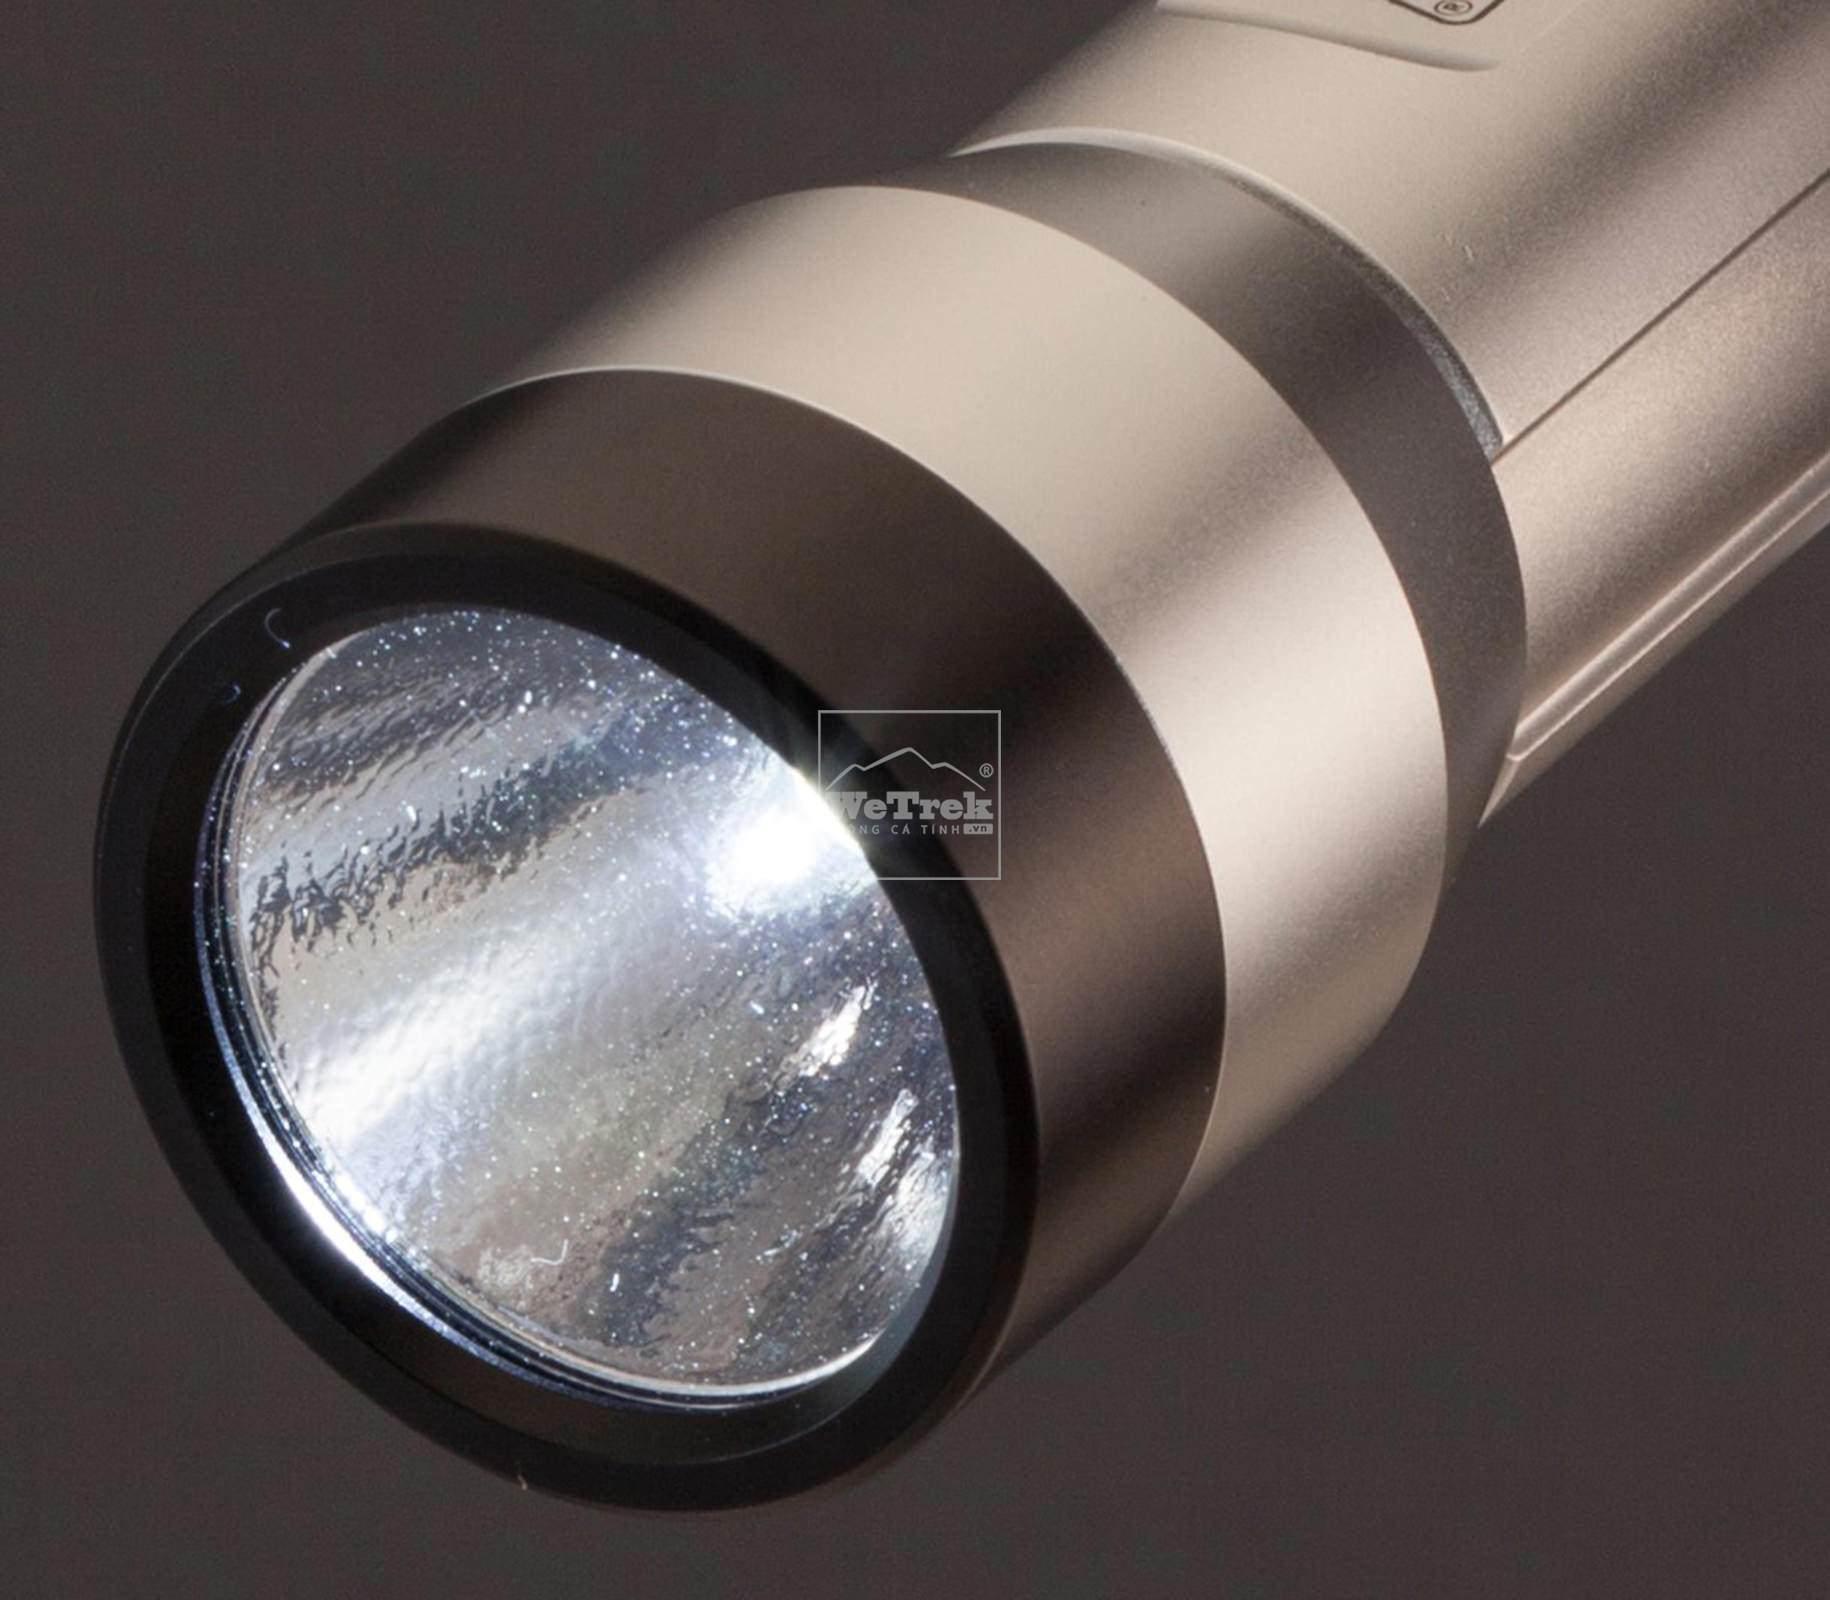 den-pin-coleman-batterylock-150-2000022294-5931-wetrek.vn-1